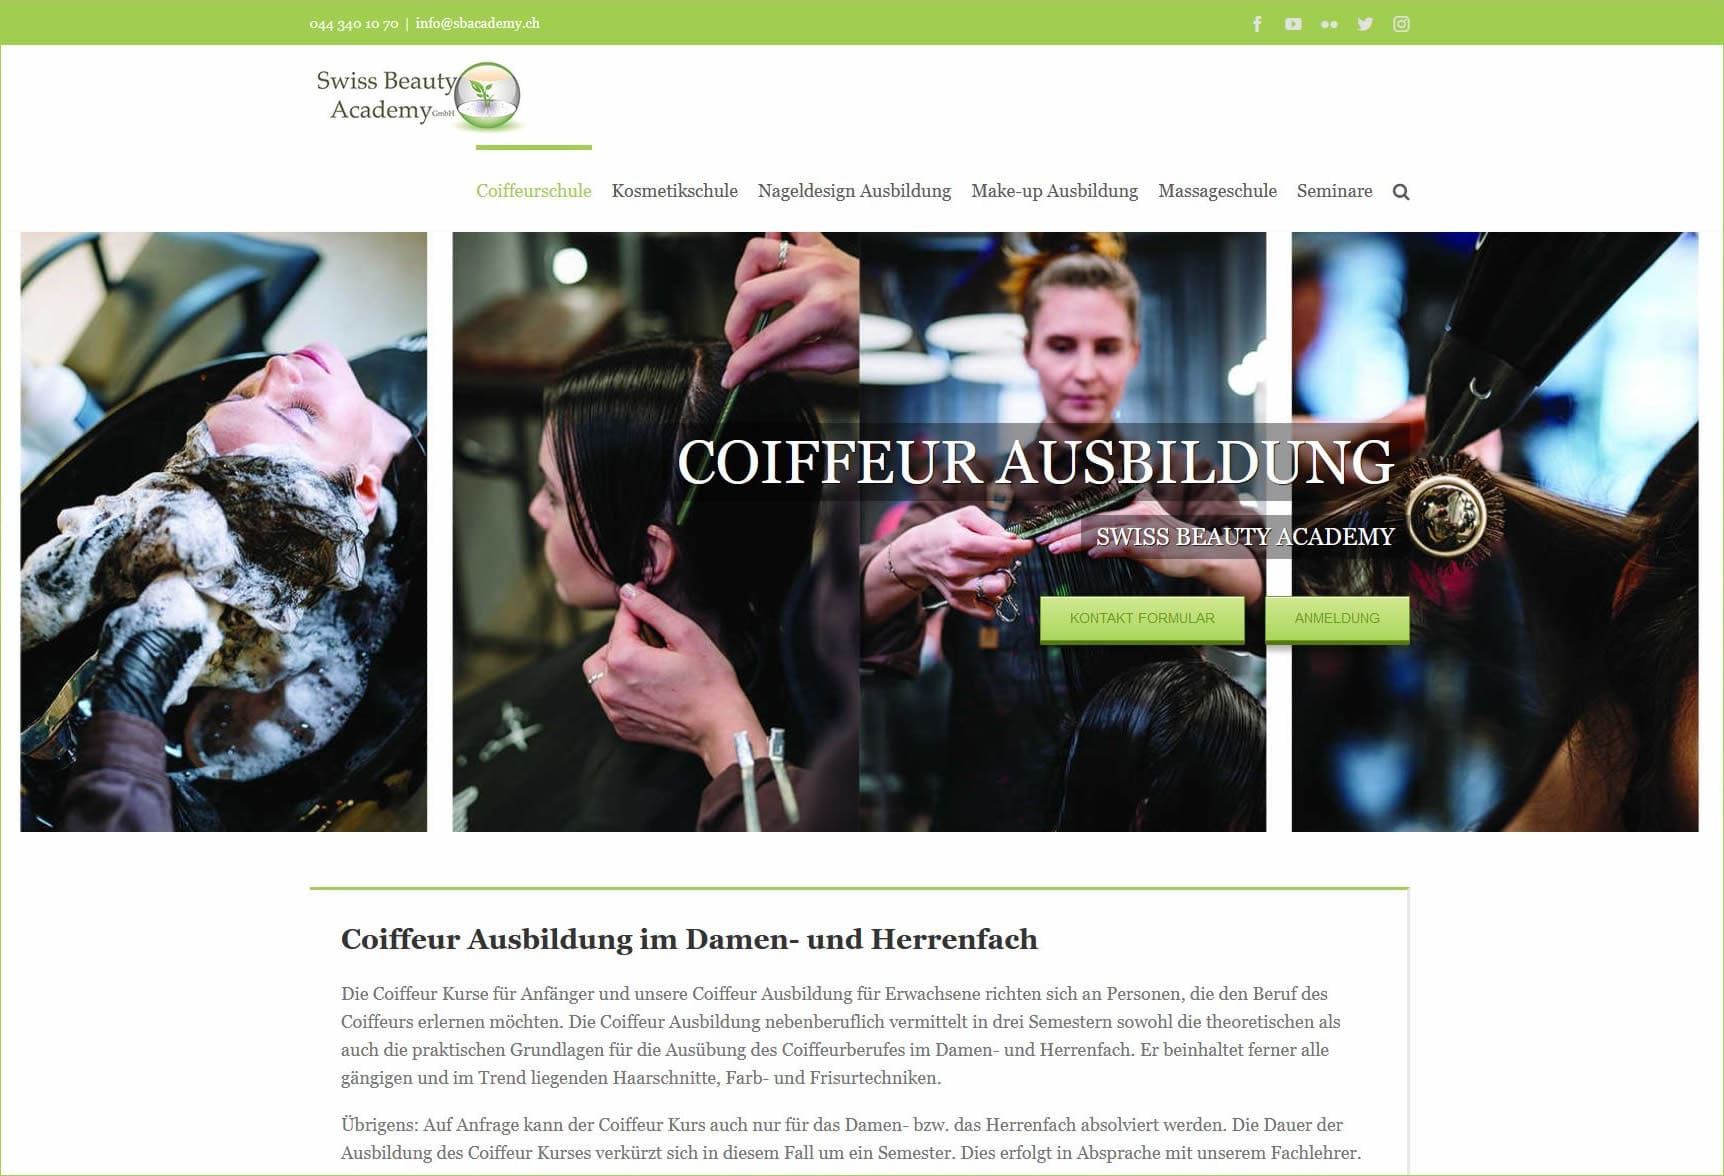 Swiss Beauty Academy: Coiffeur Ausbildung